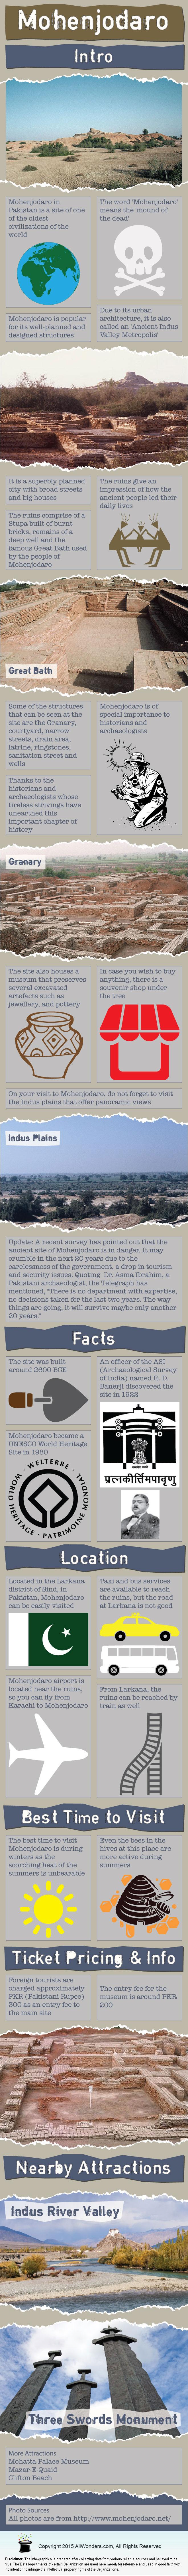 Mohenjodaro Infographic